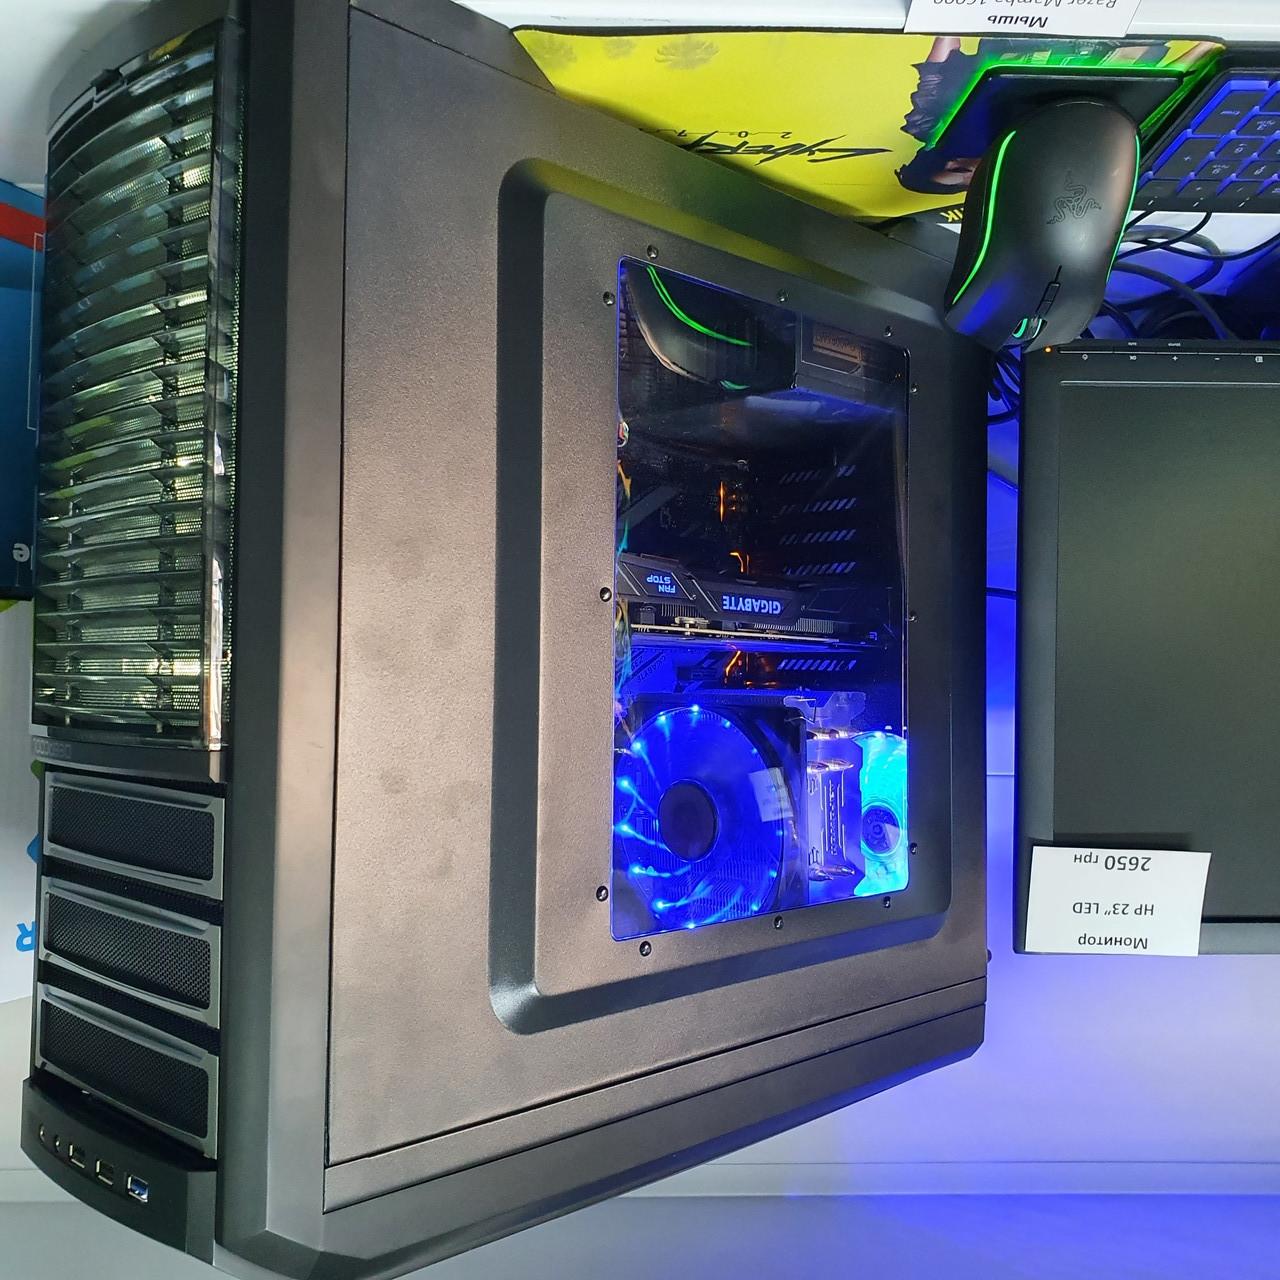 Системный блок Game Edition Winner( Intel Core i5-9600KF 6x4.60Ghz/ 16Gb DDR4/ SSD 480 Gb GTX 1080/8 Gb GDDR5)